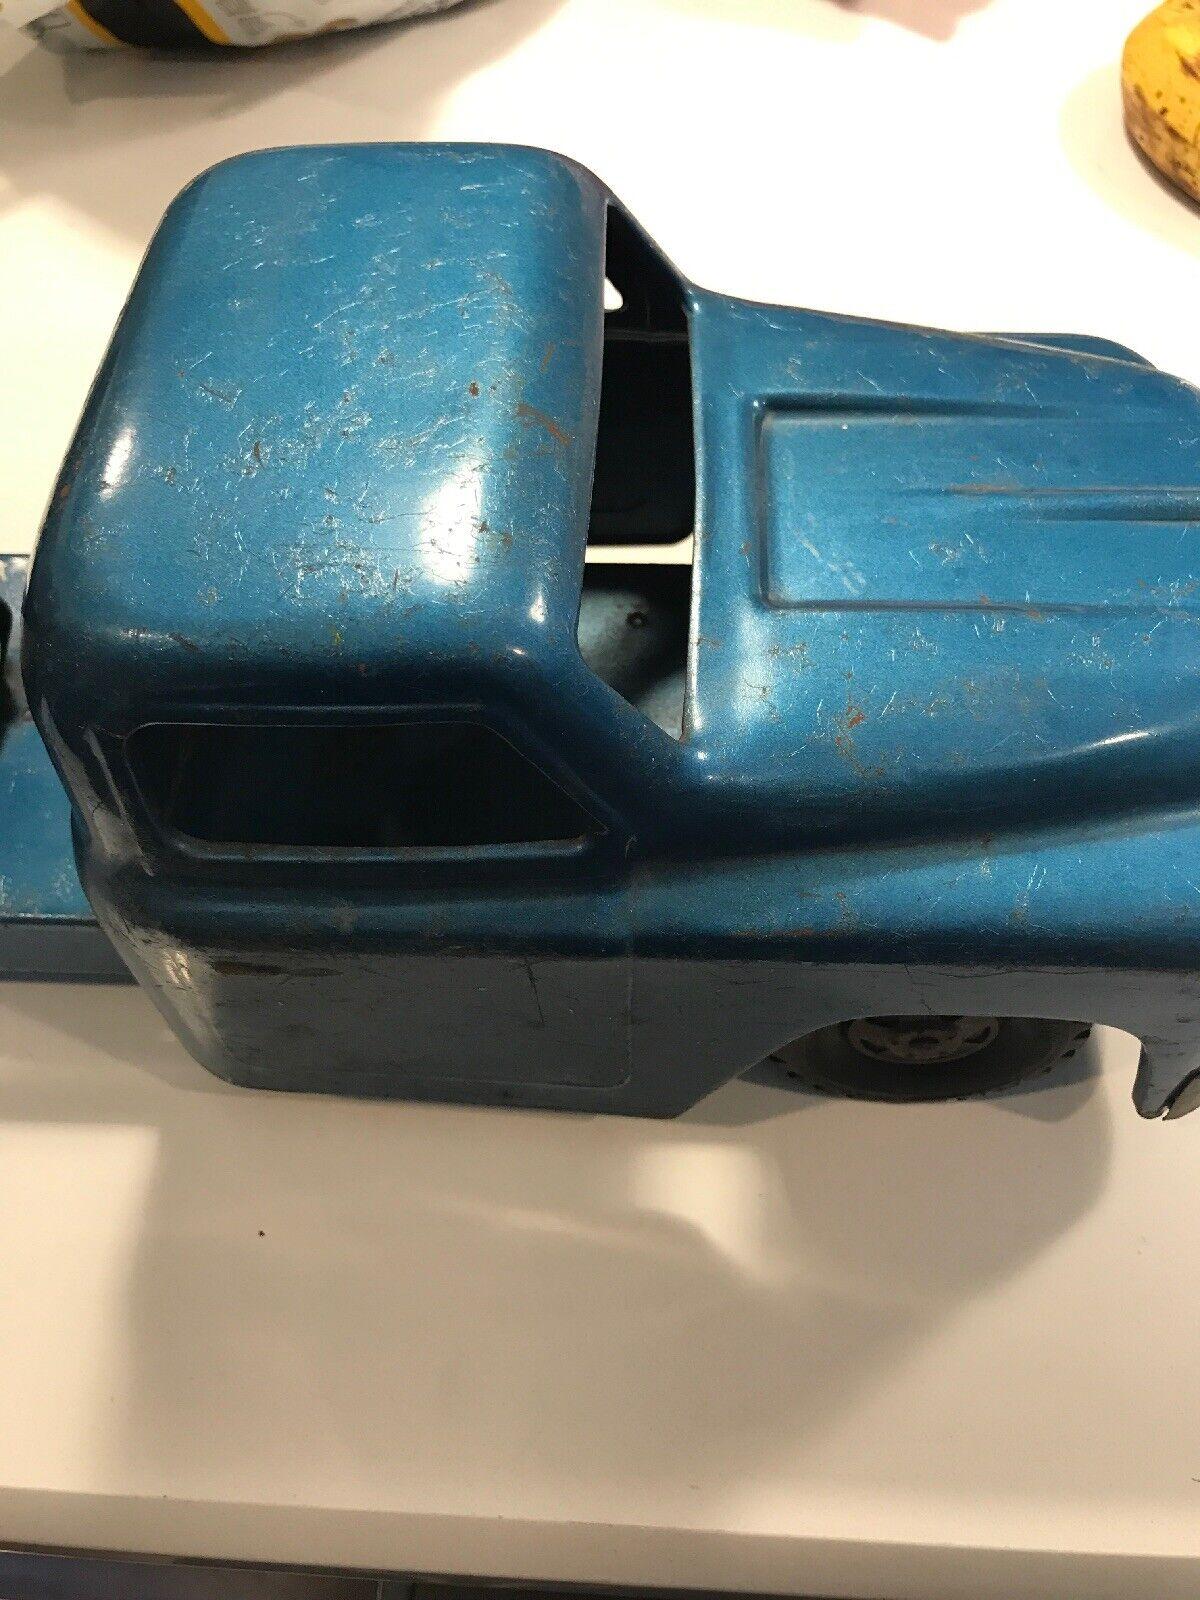 Vintage ancien années 1950 Structo camion poubelle Pressé Acier hydraulique Sanitation Bleu